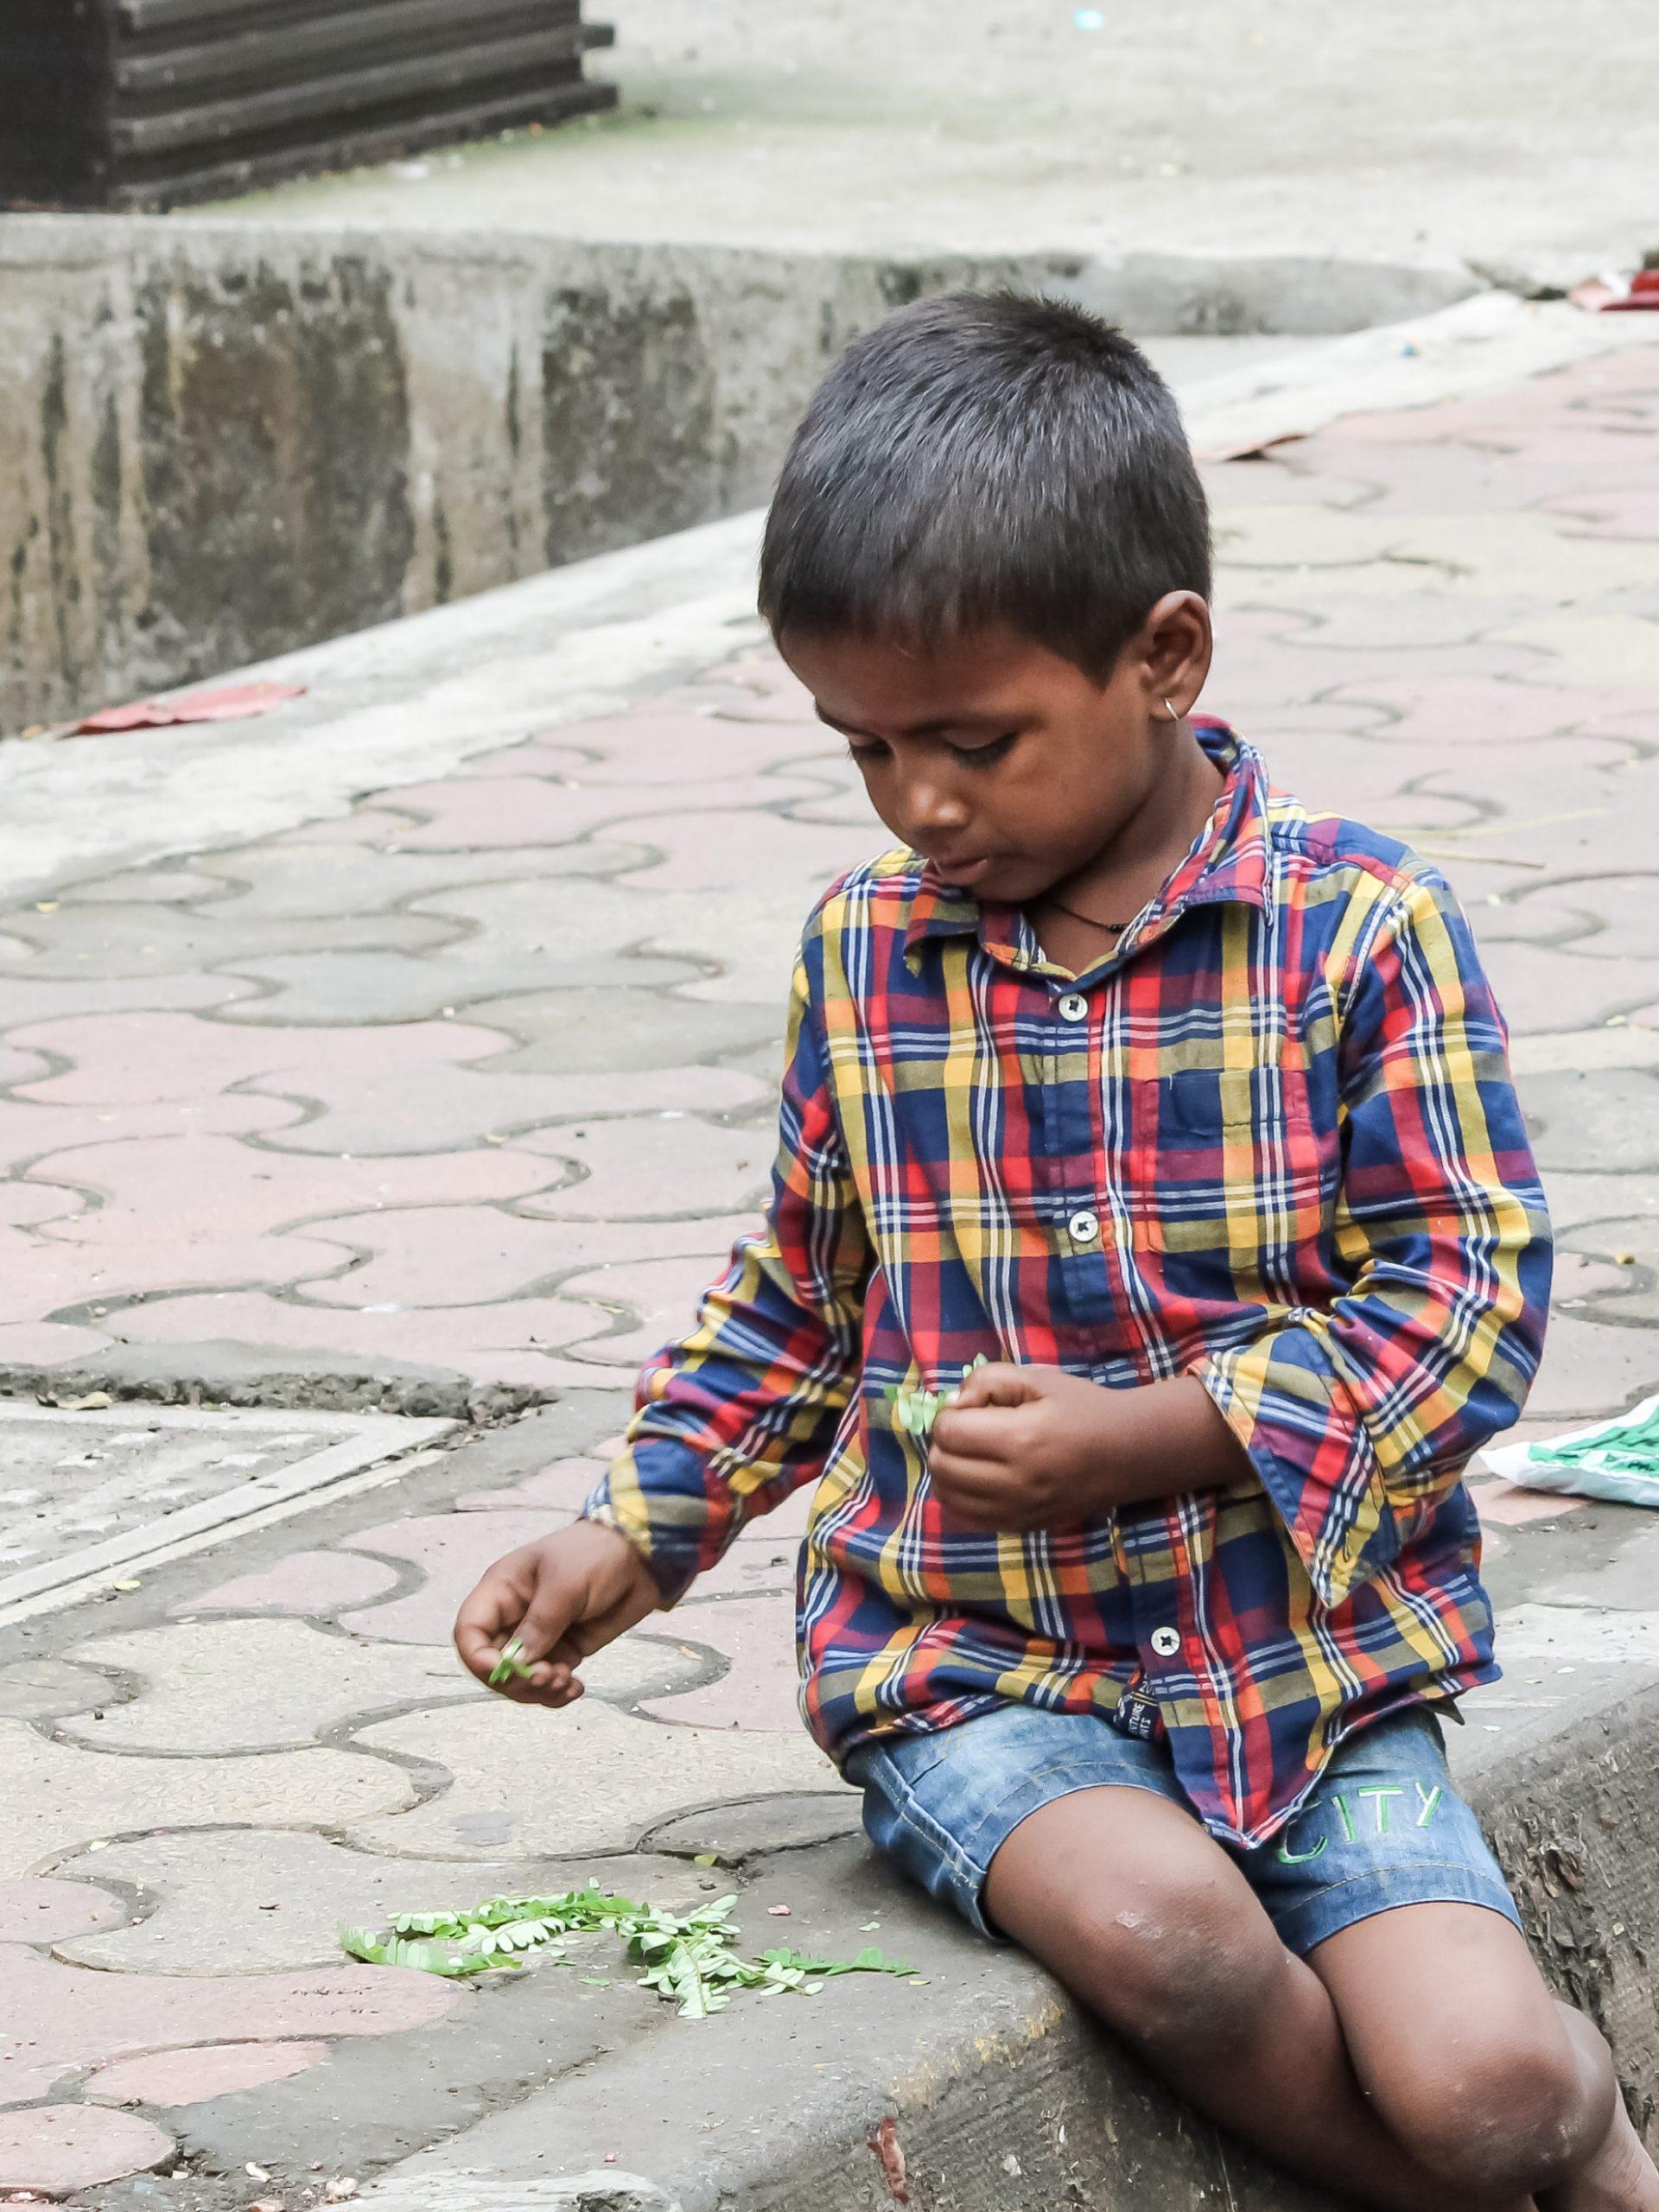 A little boy beside a road